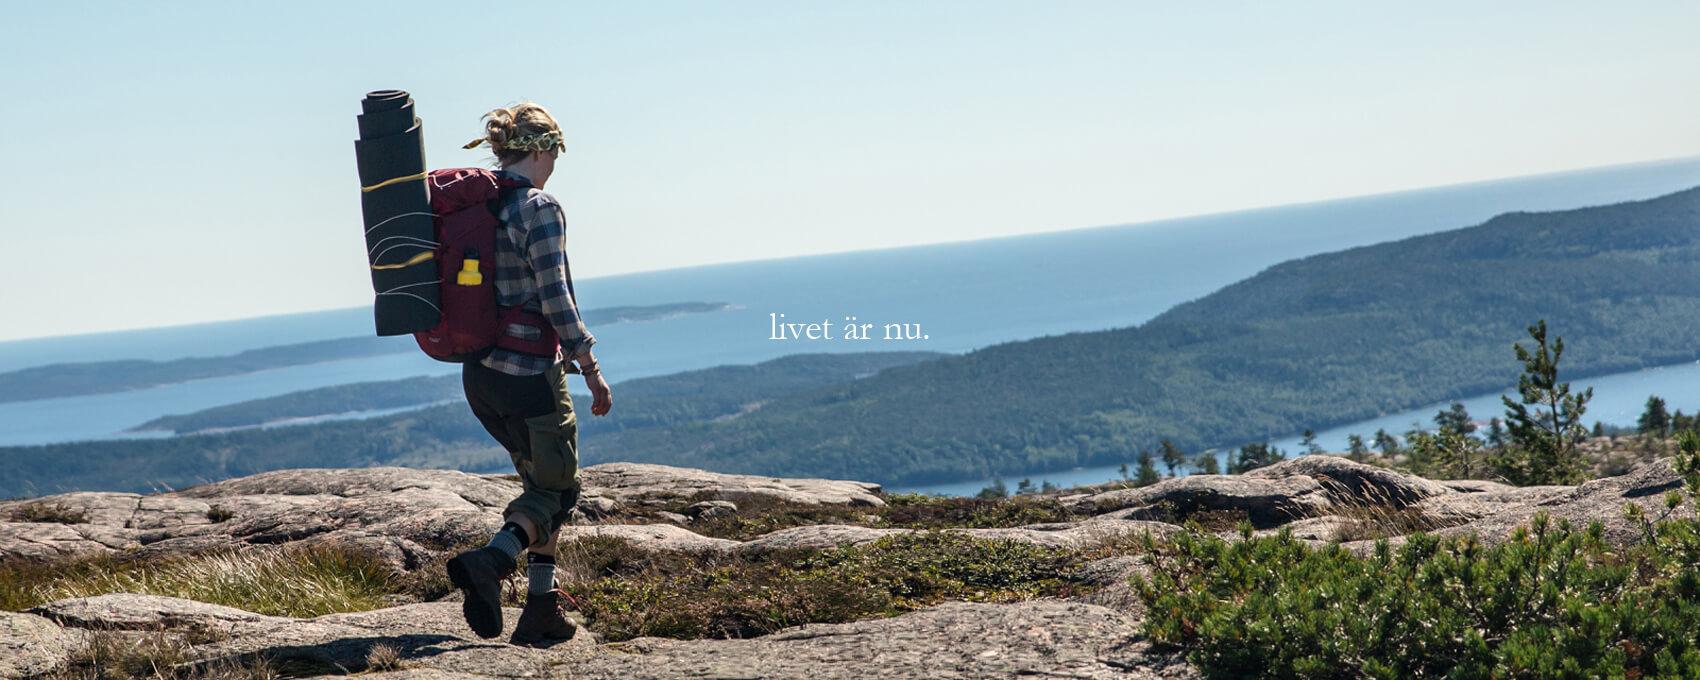 Dejting Ljungby | Hitta krleken bland singelfrldrar